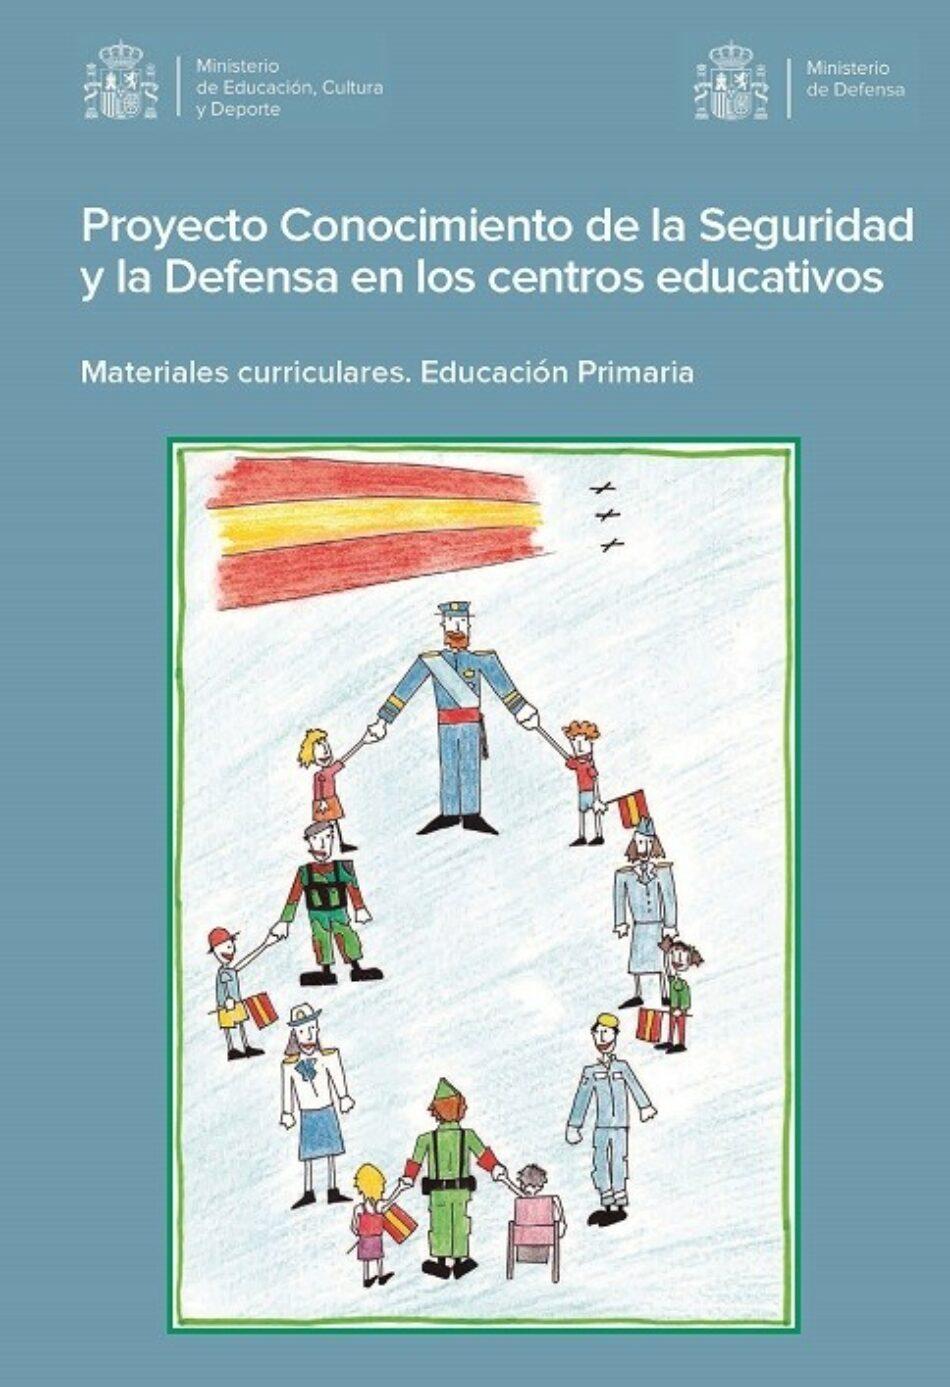 En Comú Podem pide explicaciones al Gobierno por el temario sobre las Fuerzas Armadas que se quiere implantar en las escuelas y exige su retirada